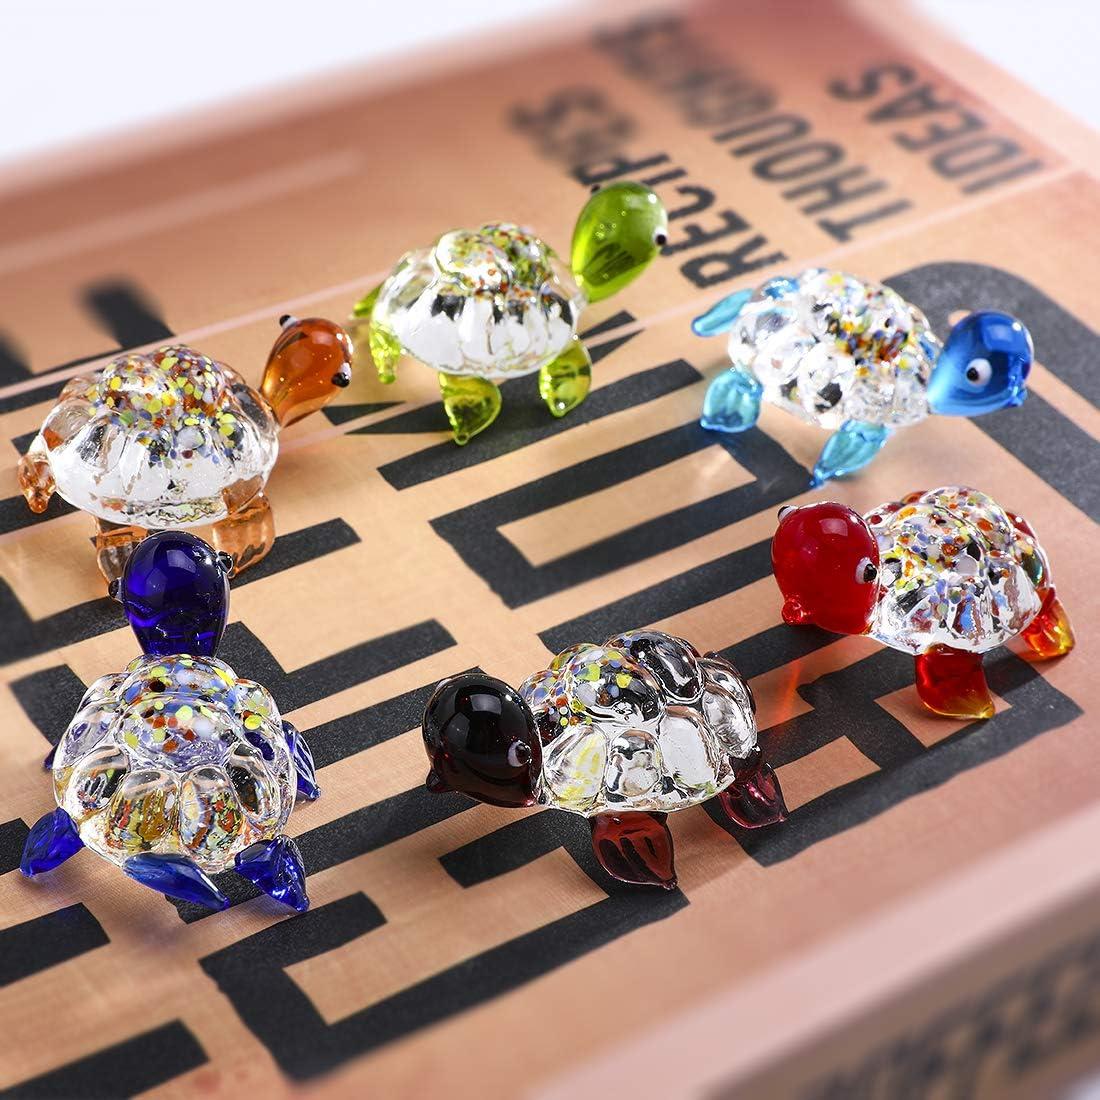 HDCRYSTALGIFTS D/écoration de jardin en verre souffl/é fait /à la main Motif animaux mignons Verre 5 styles.